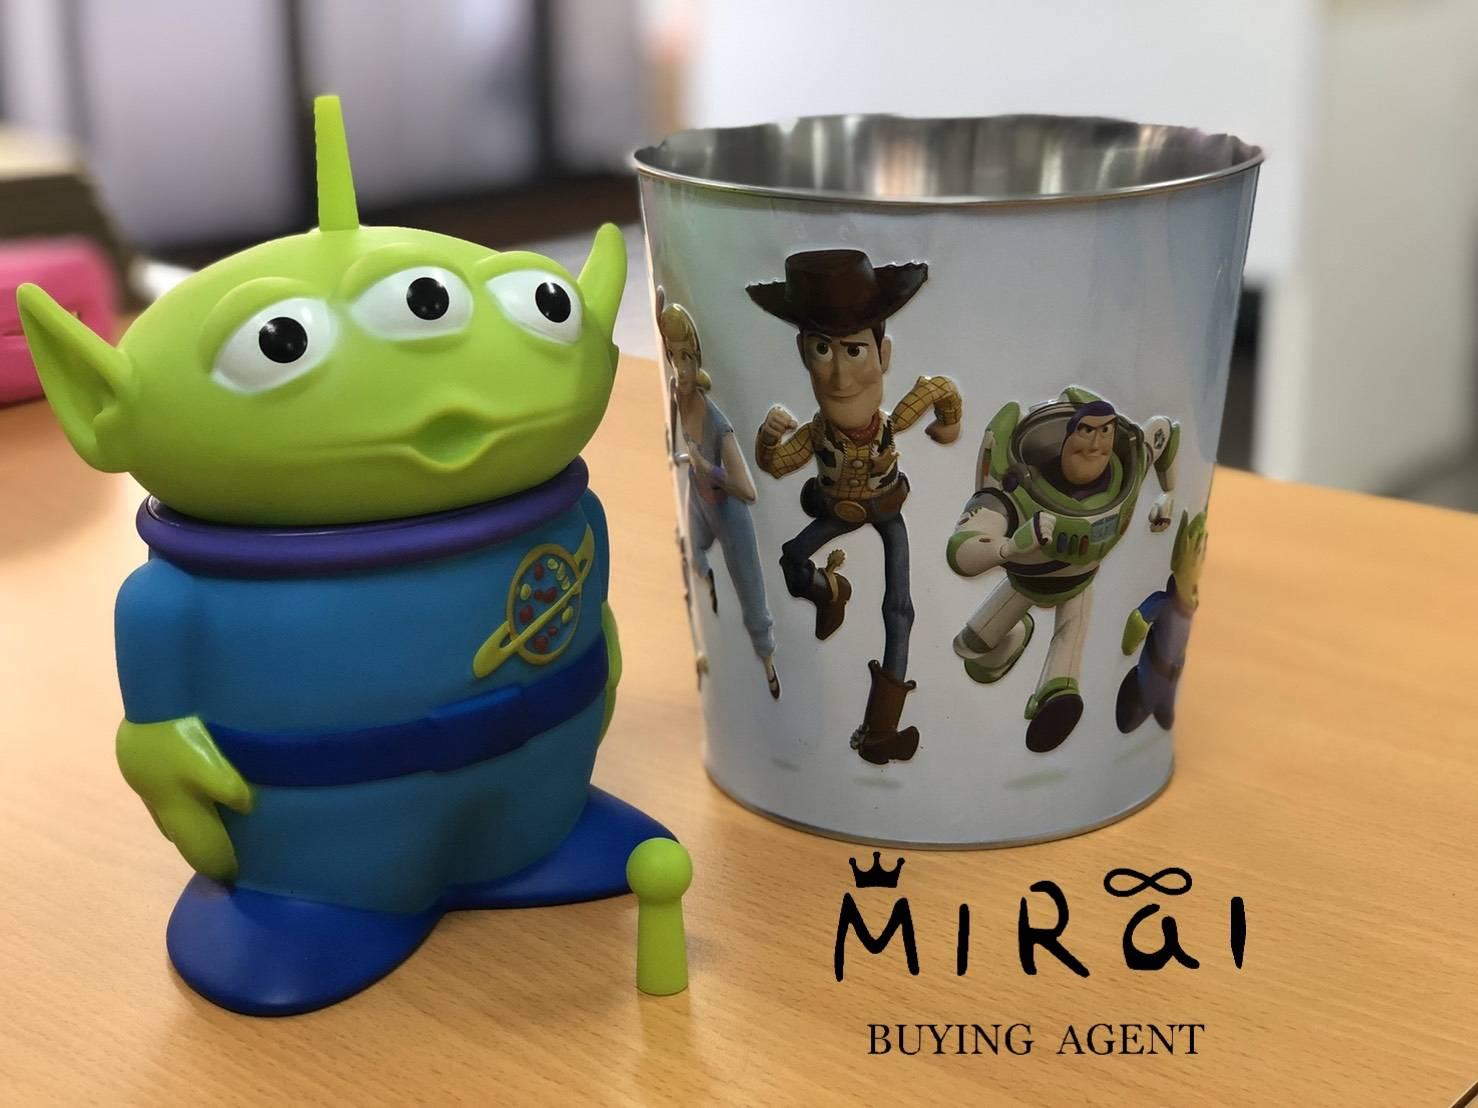 《現貨》泰國-風靡泰國電影院商品之玩具總動員 三眼怪飲料罐+玩總爆米花鐵桶